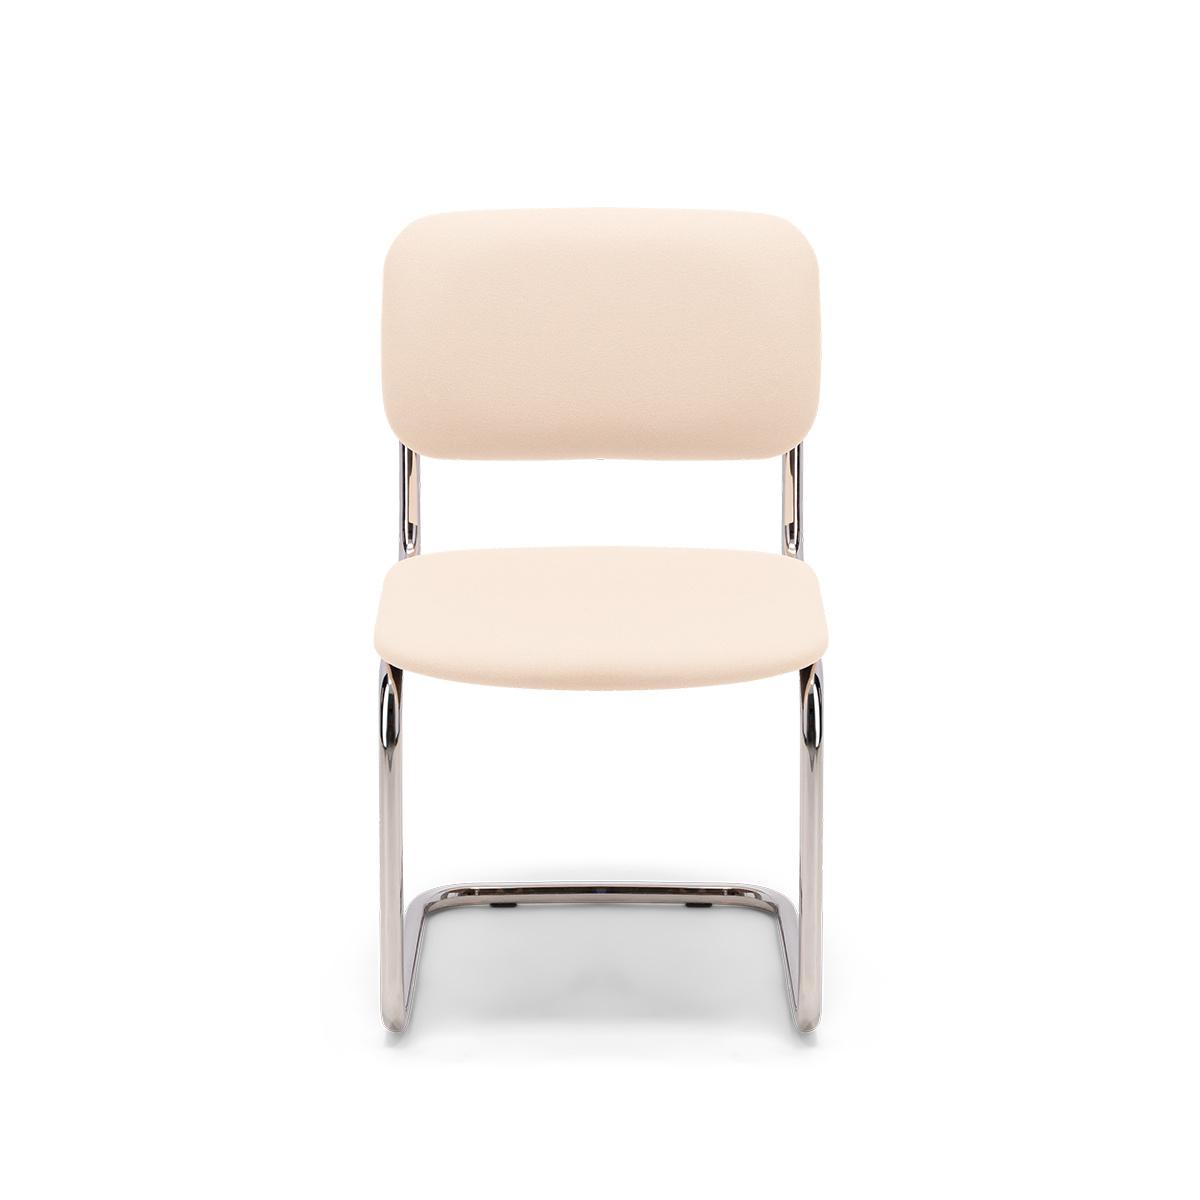 Chaise Classica feutre blanc crème